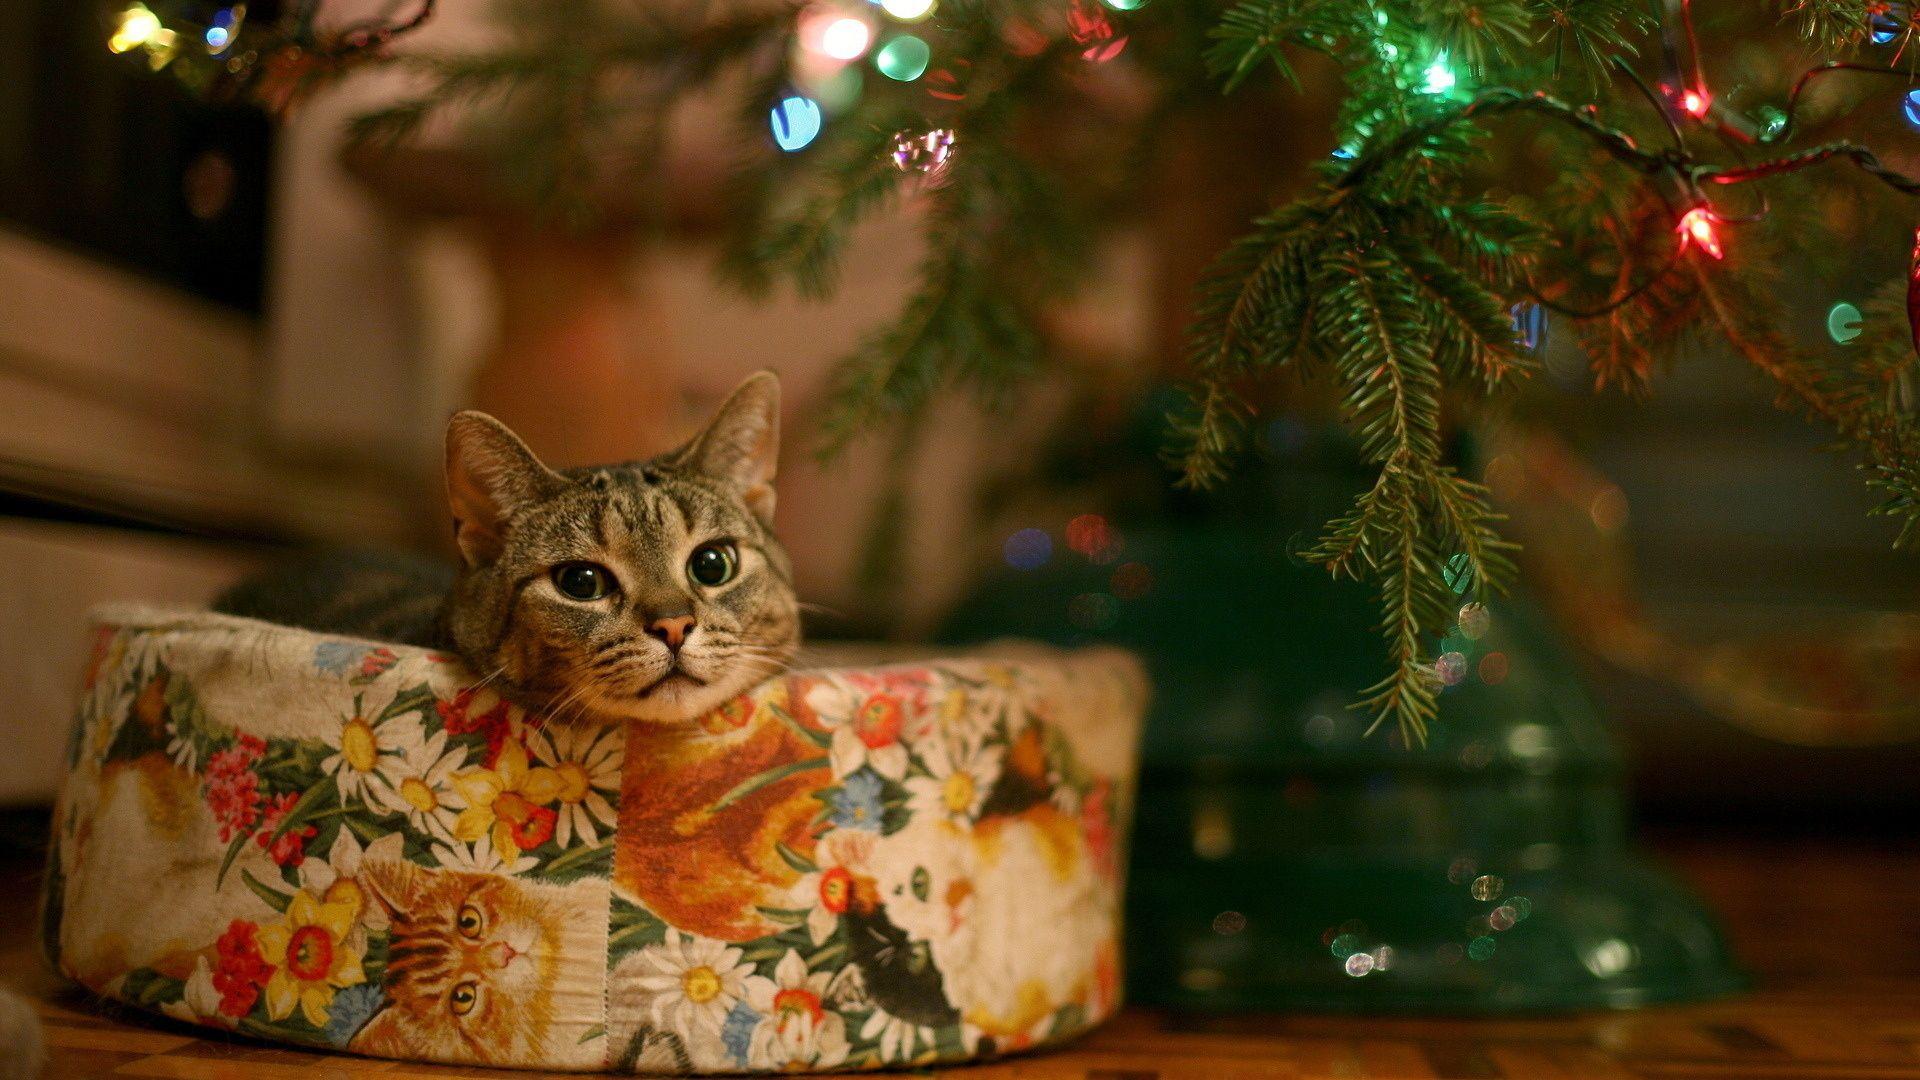 Download Cute Christmas Cat Full Hd 1080p Wallpaper